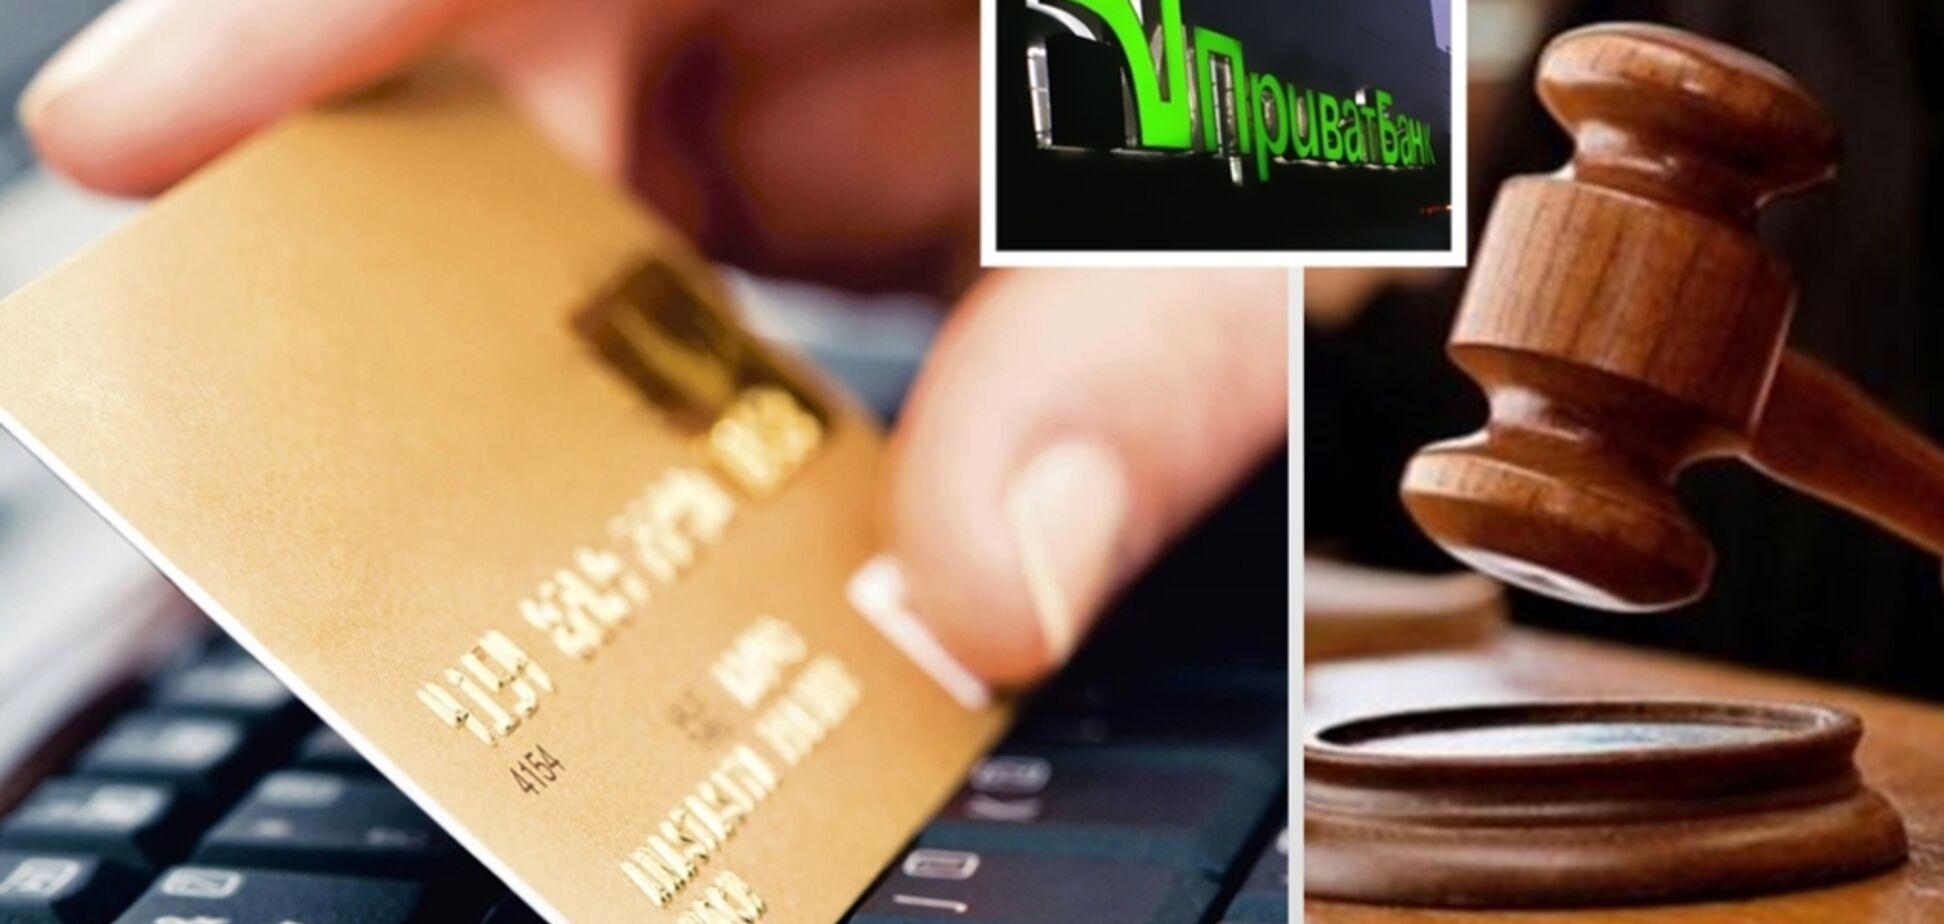 ПриватБанк списує з рахунків тисячі гривень: розгорівся скандал